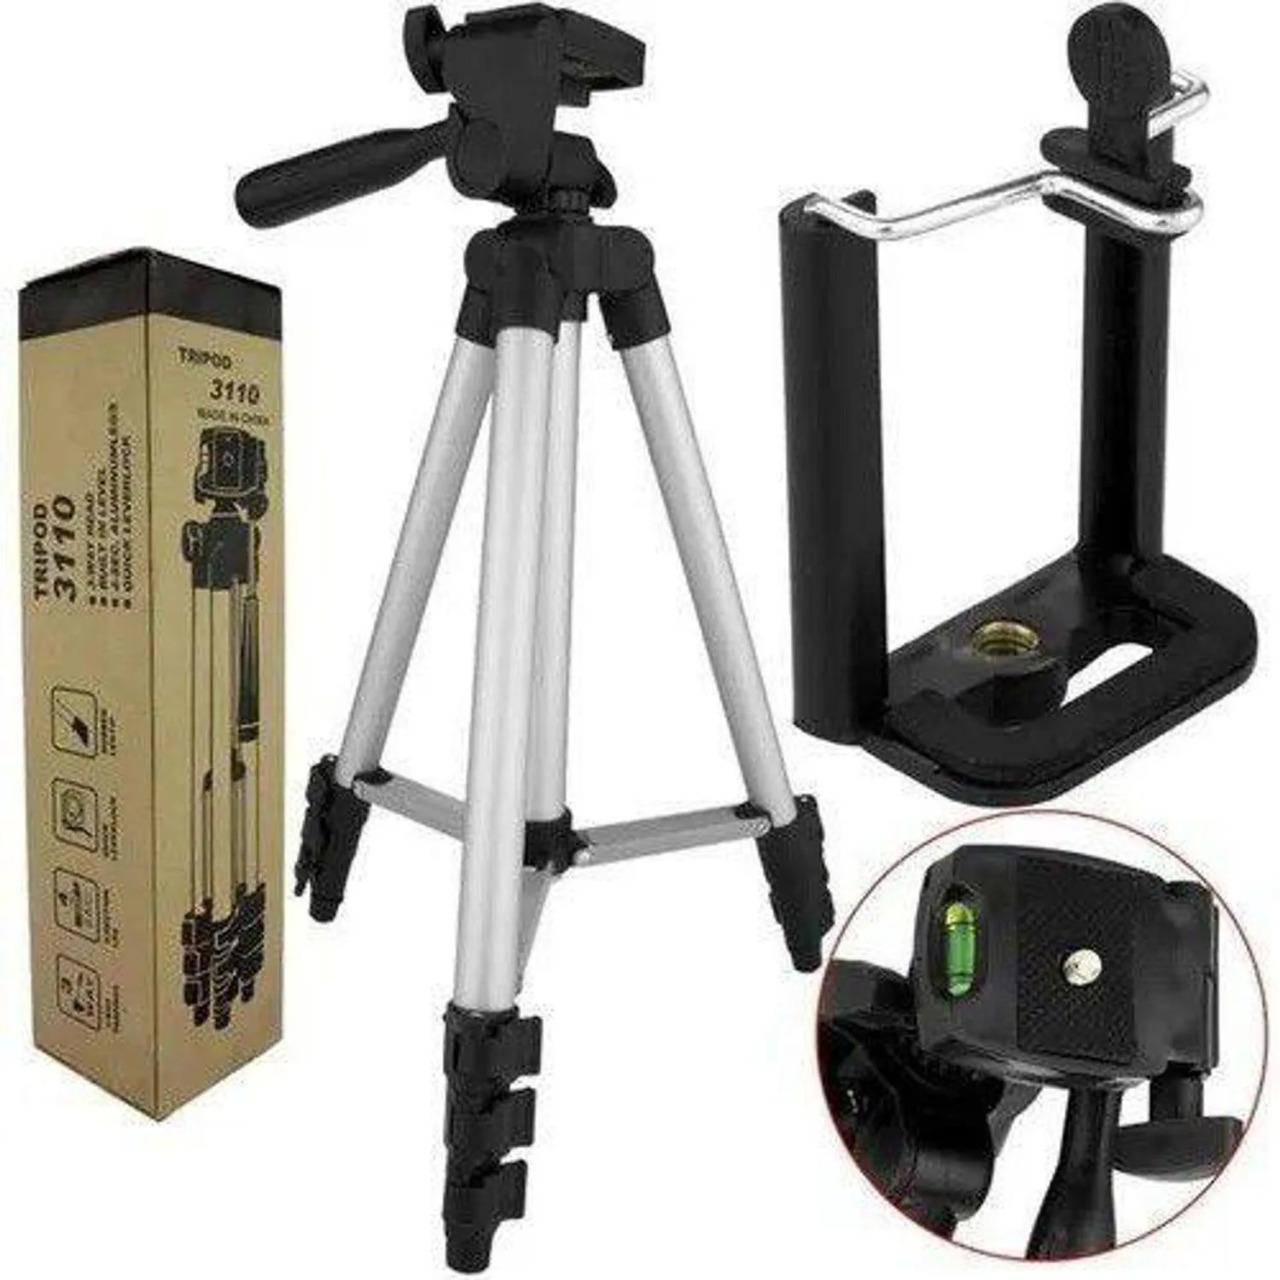 Tripé Universal Telescópico TriPod 3110 Para Câmera E Celular 102cm